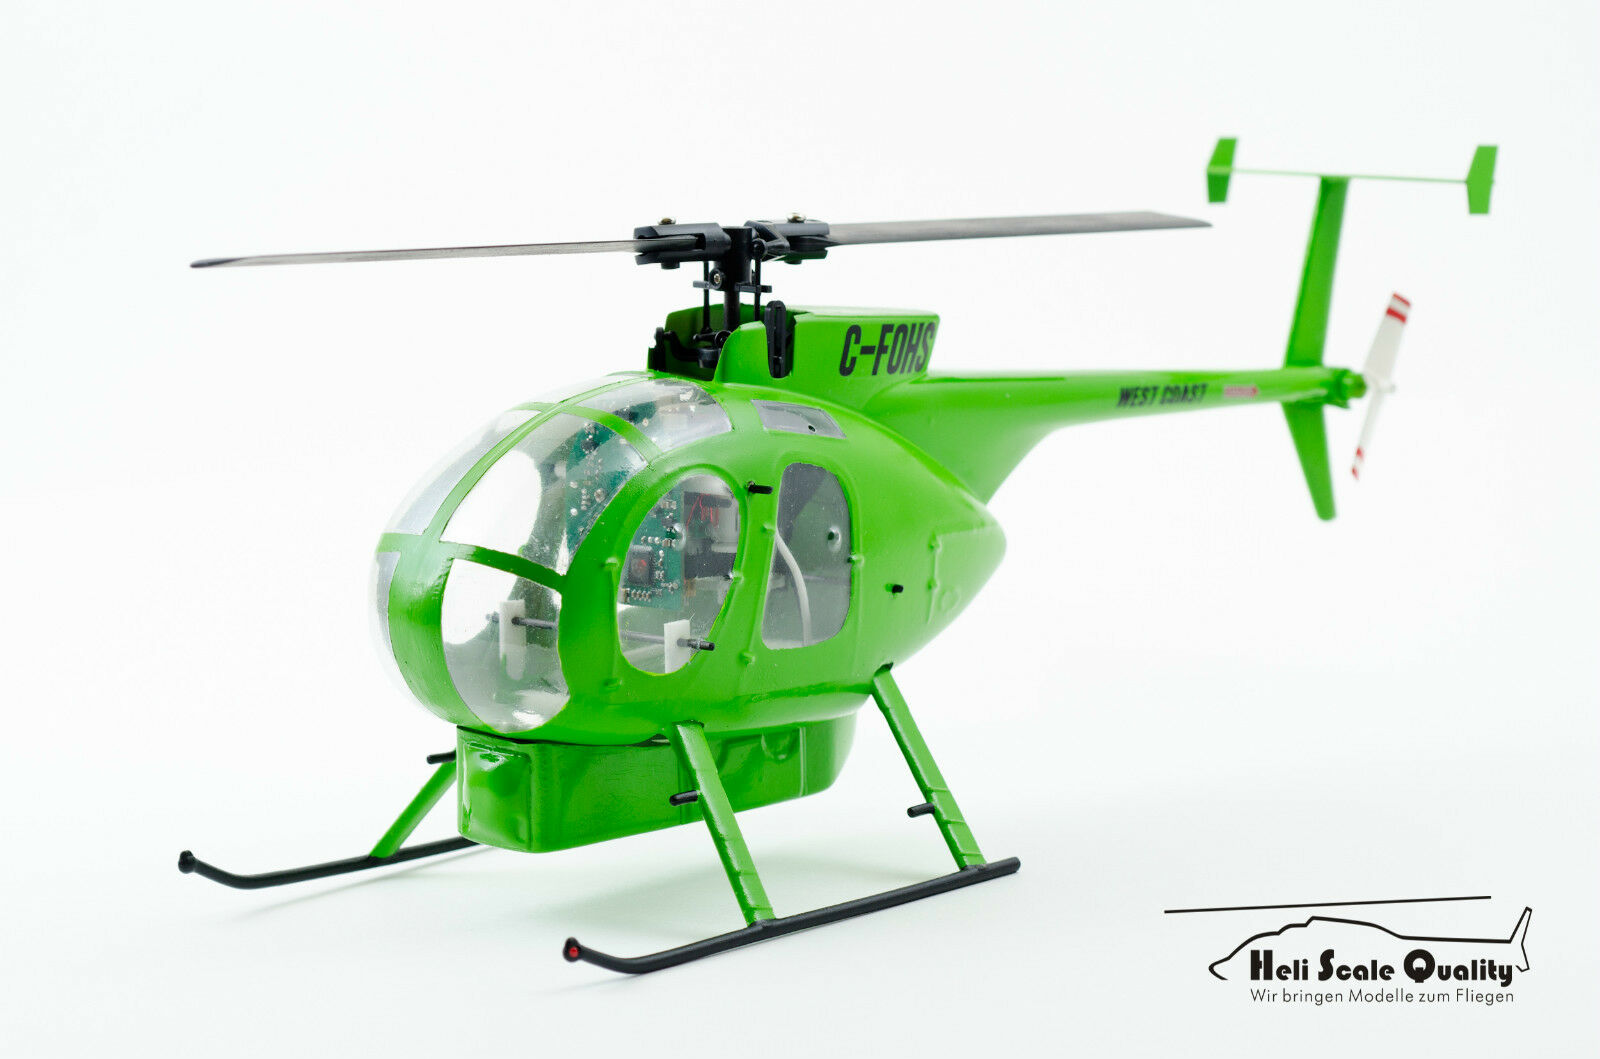 - Scafo KIT Hughes MD 500c d 1 24 per MCPX BL, trex150, WLtoy v977 tra l'altro